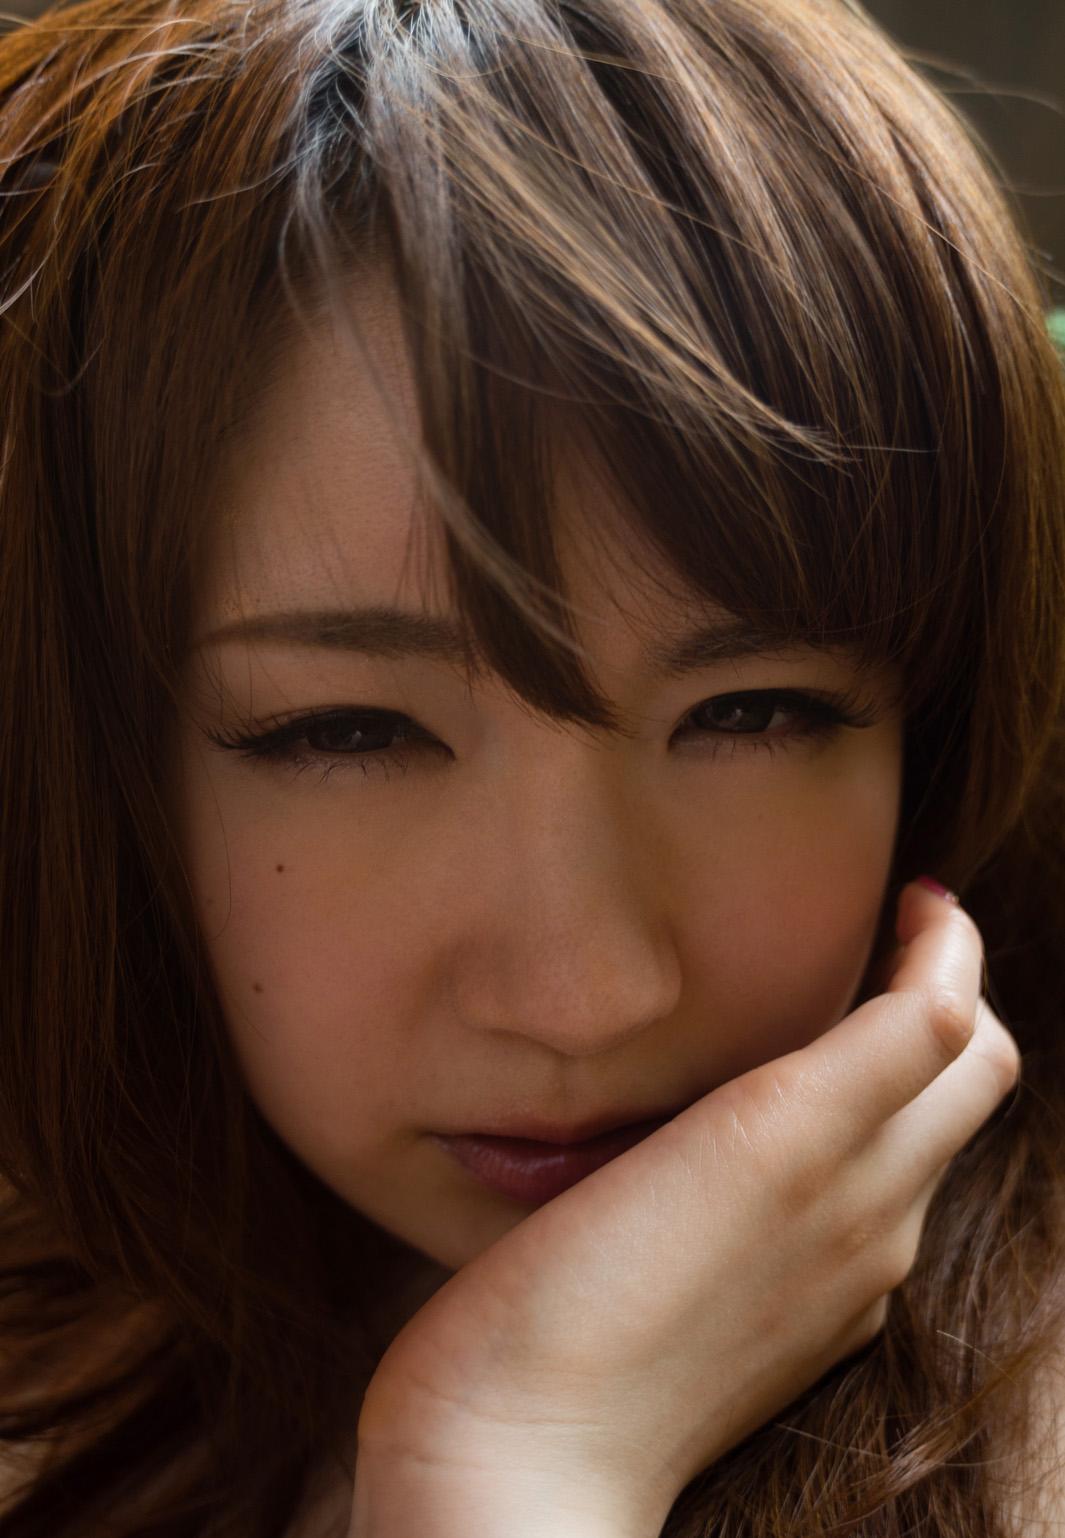 西川ゆい 画像 81